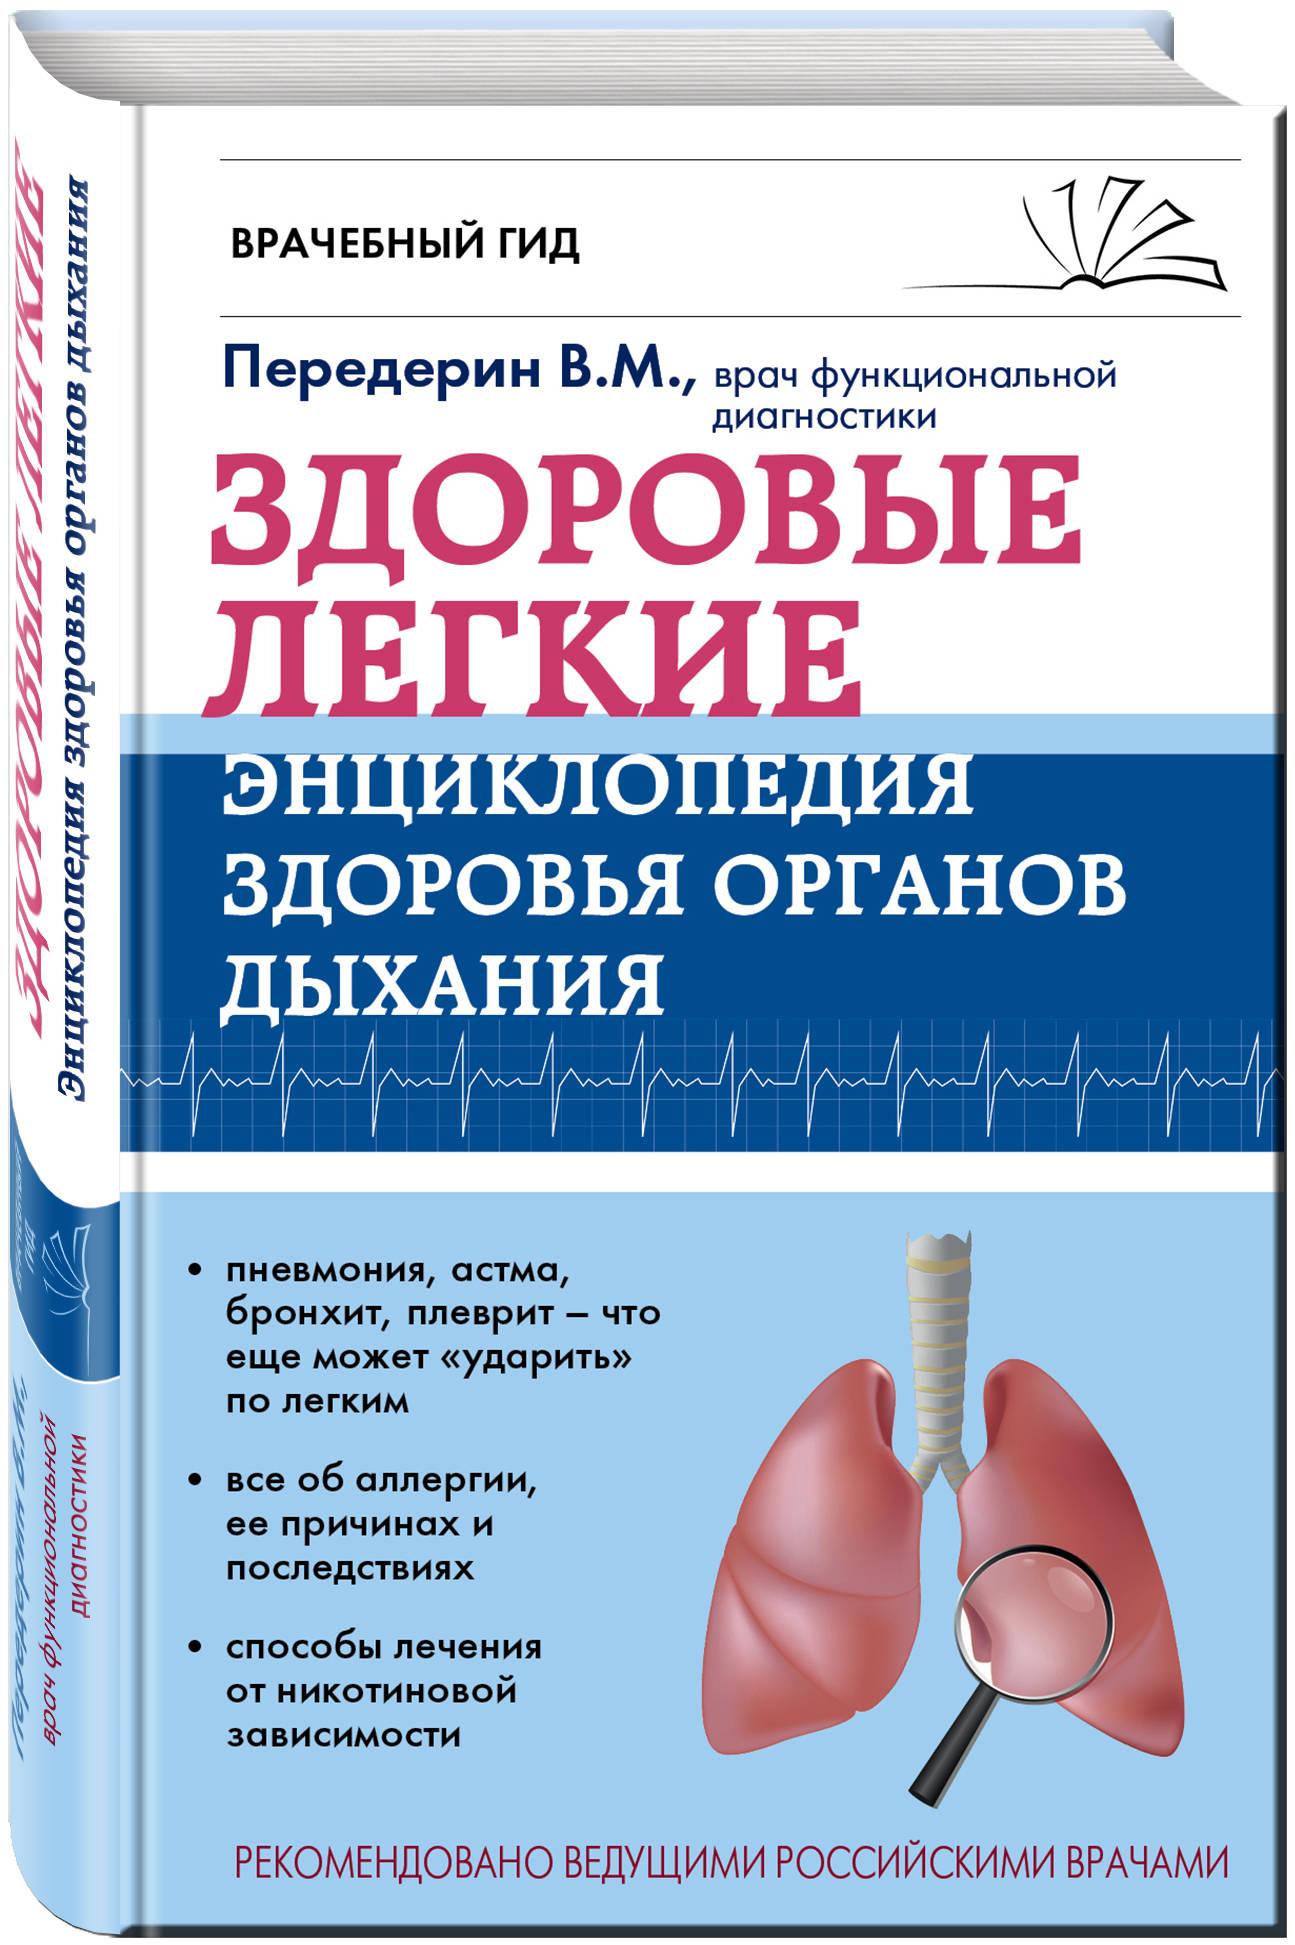 Передерин В.М. Здоровые легкие. Энциклопедия здоровья органов дыхания